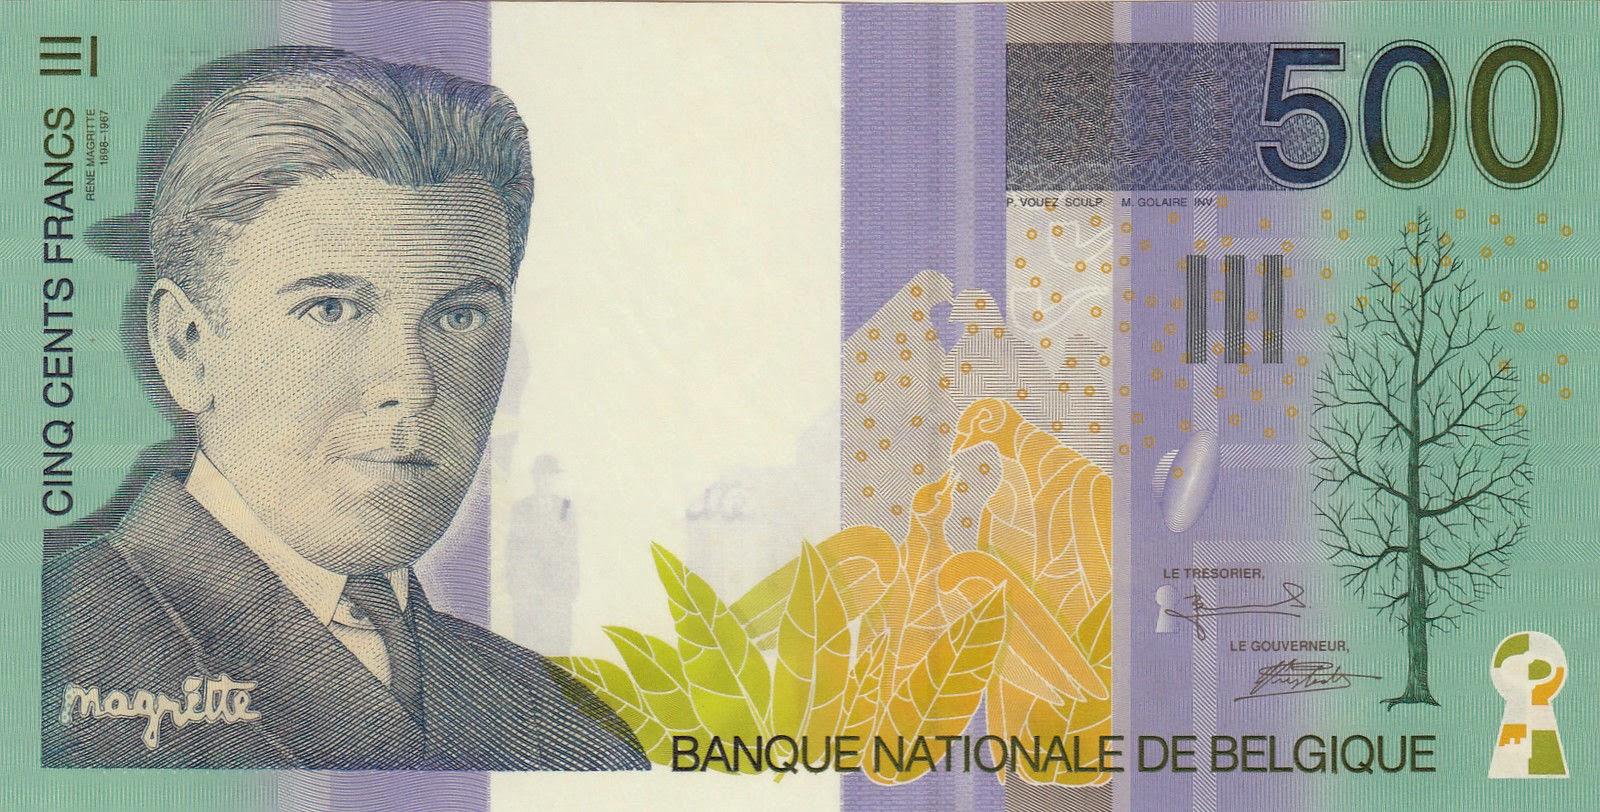 Belgium Banknotes 500 Belgian Francs banknote 1998 surrealist artist Rene Magritte